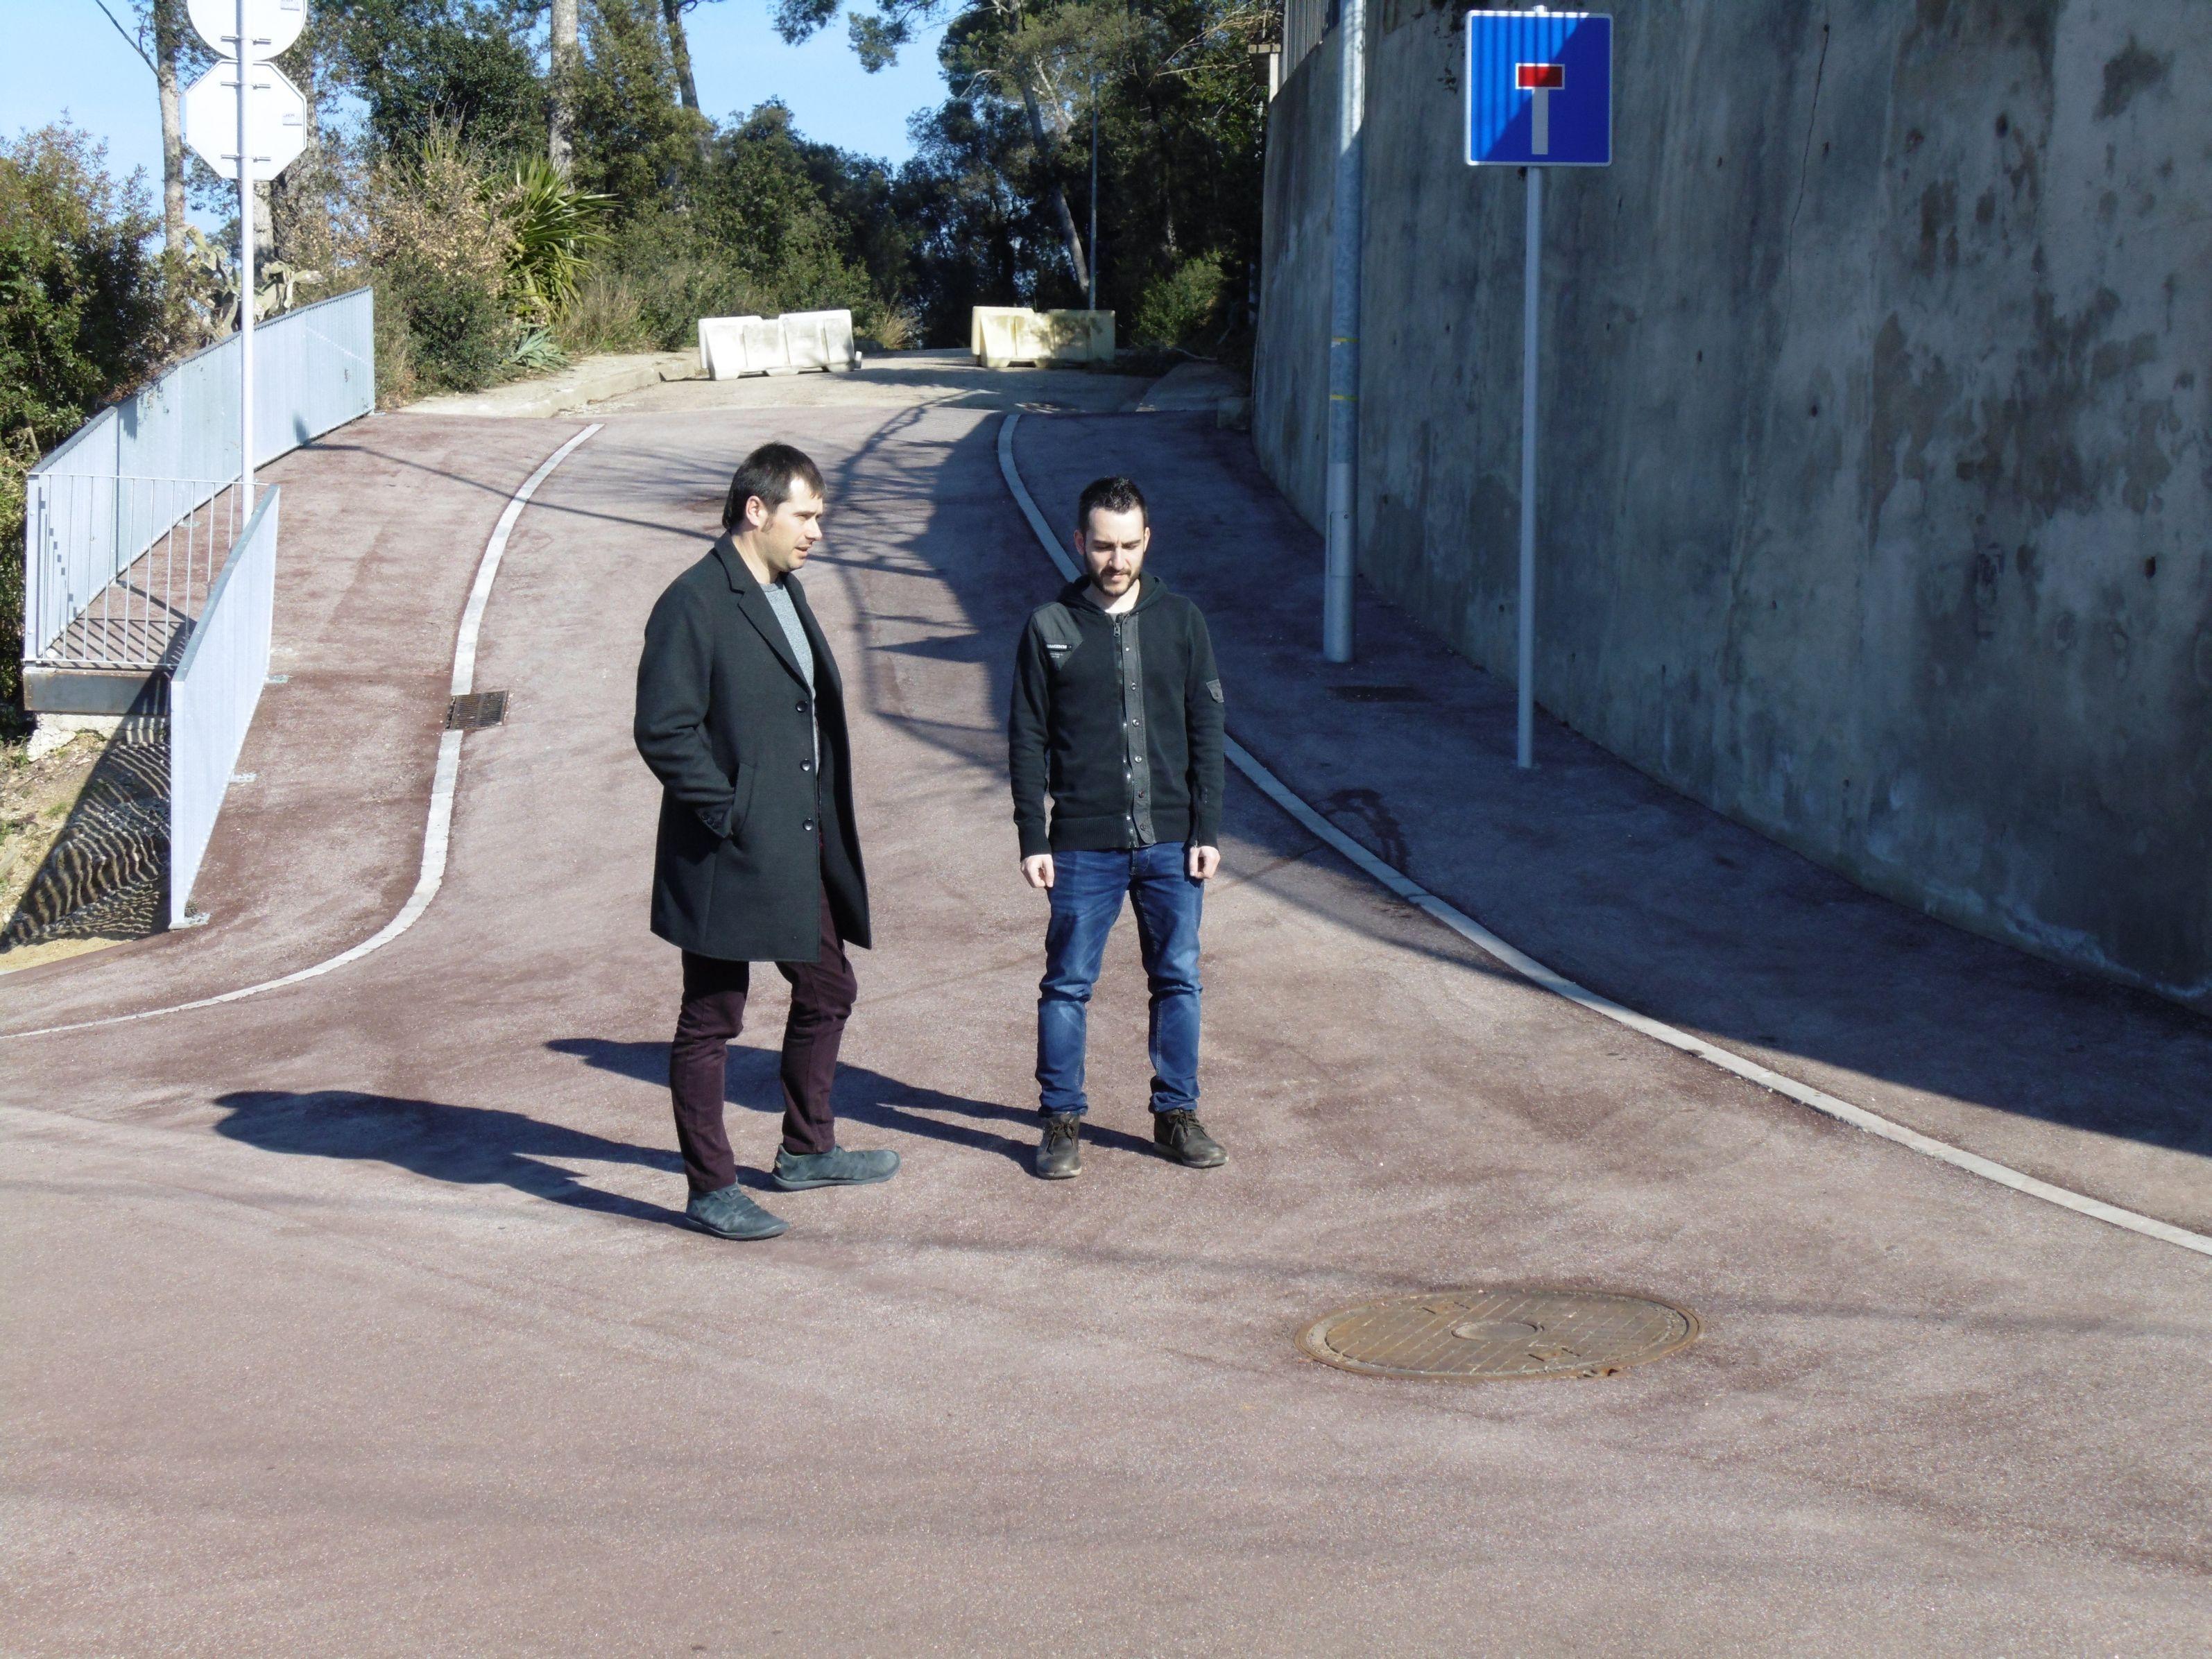 L'alcalde i el regidor d'Urbanisme, durant la visita